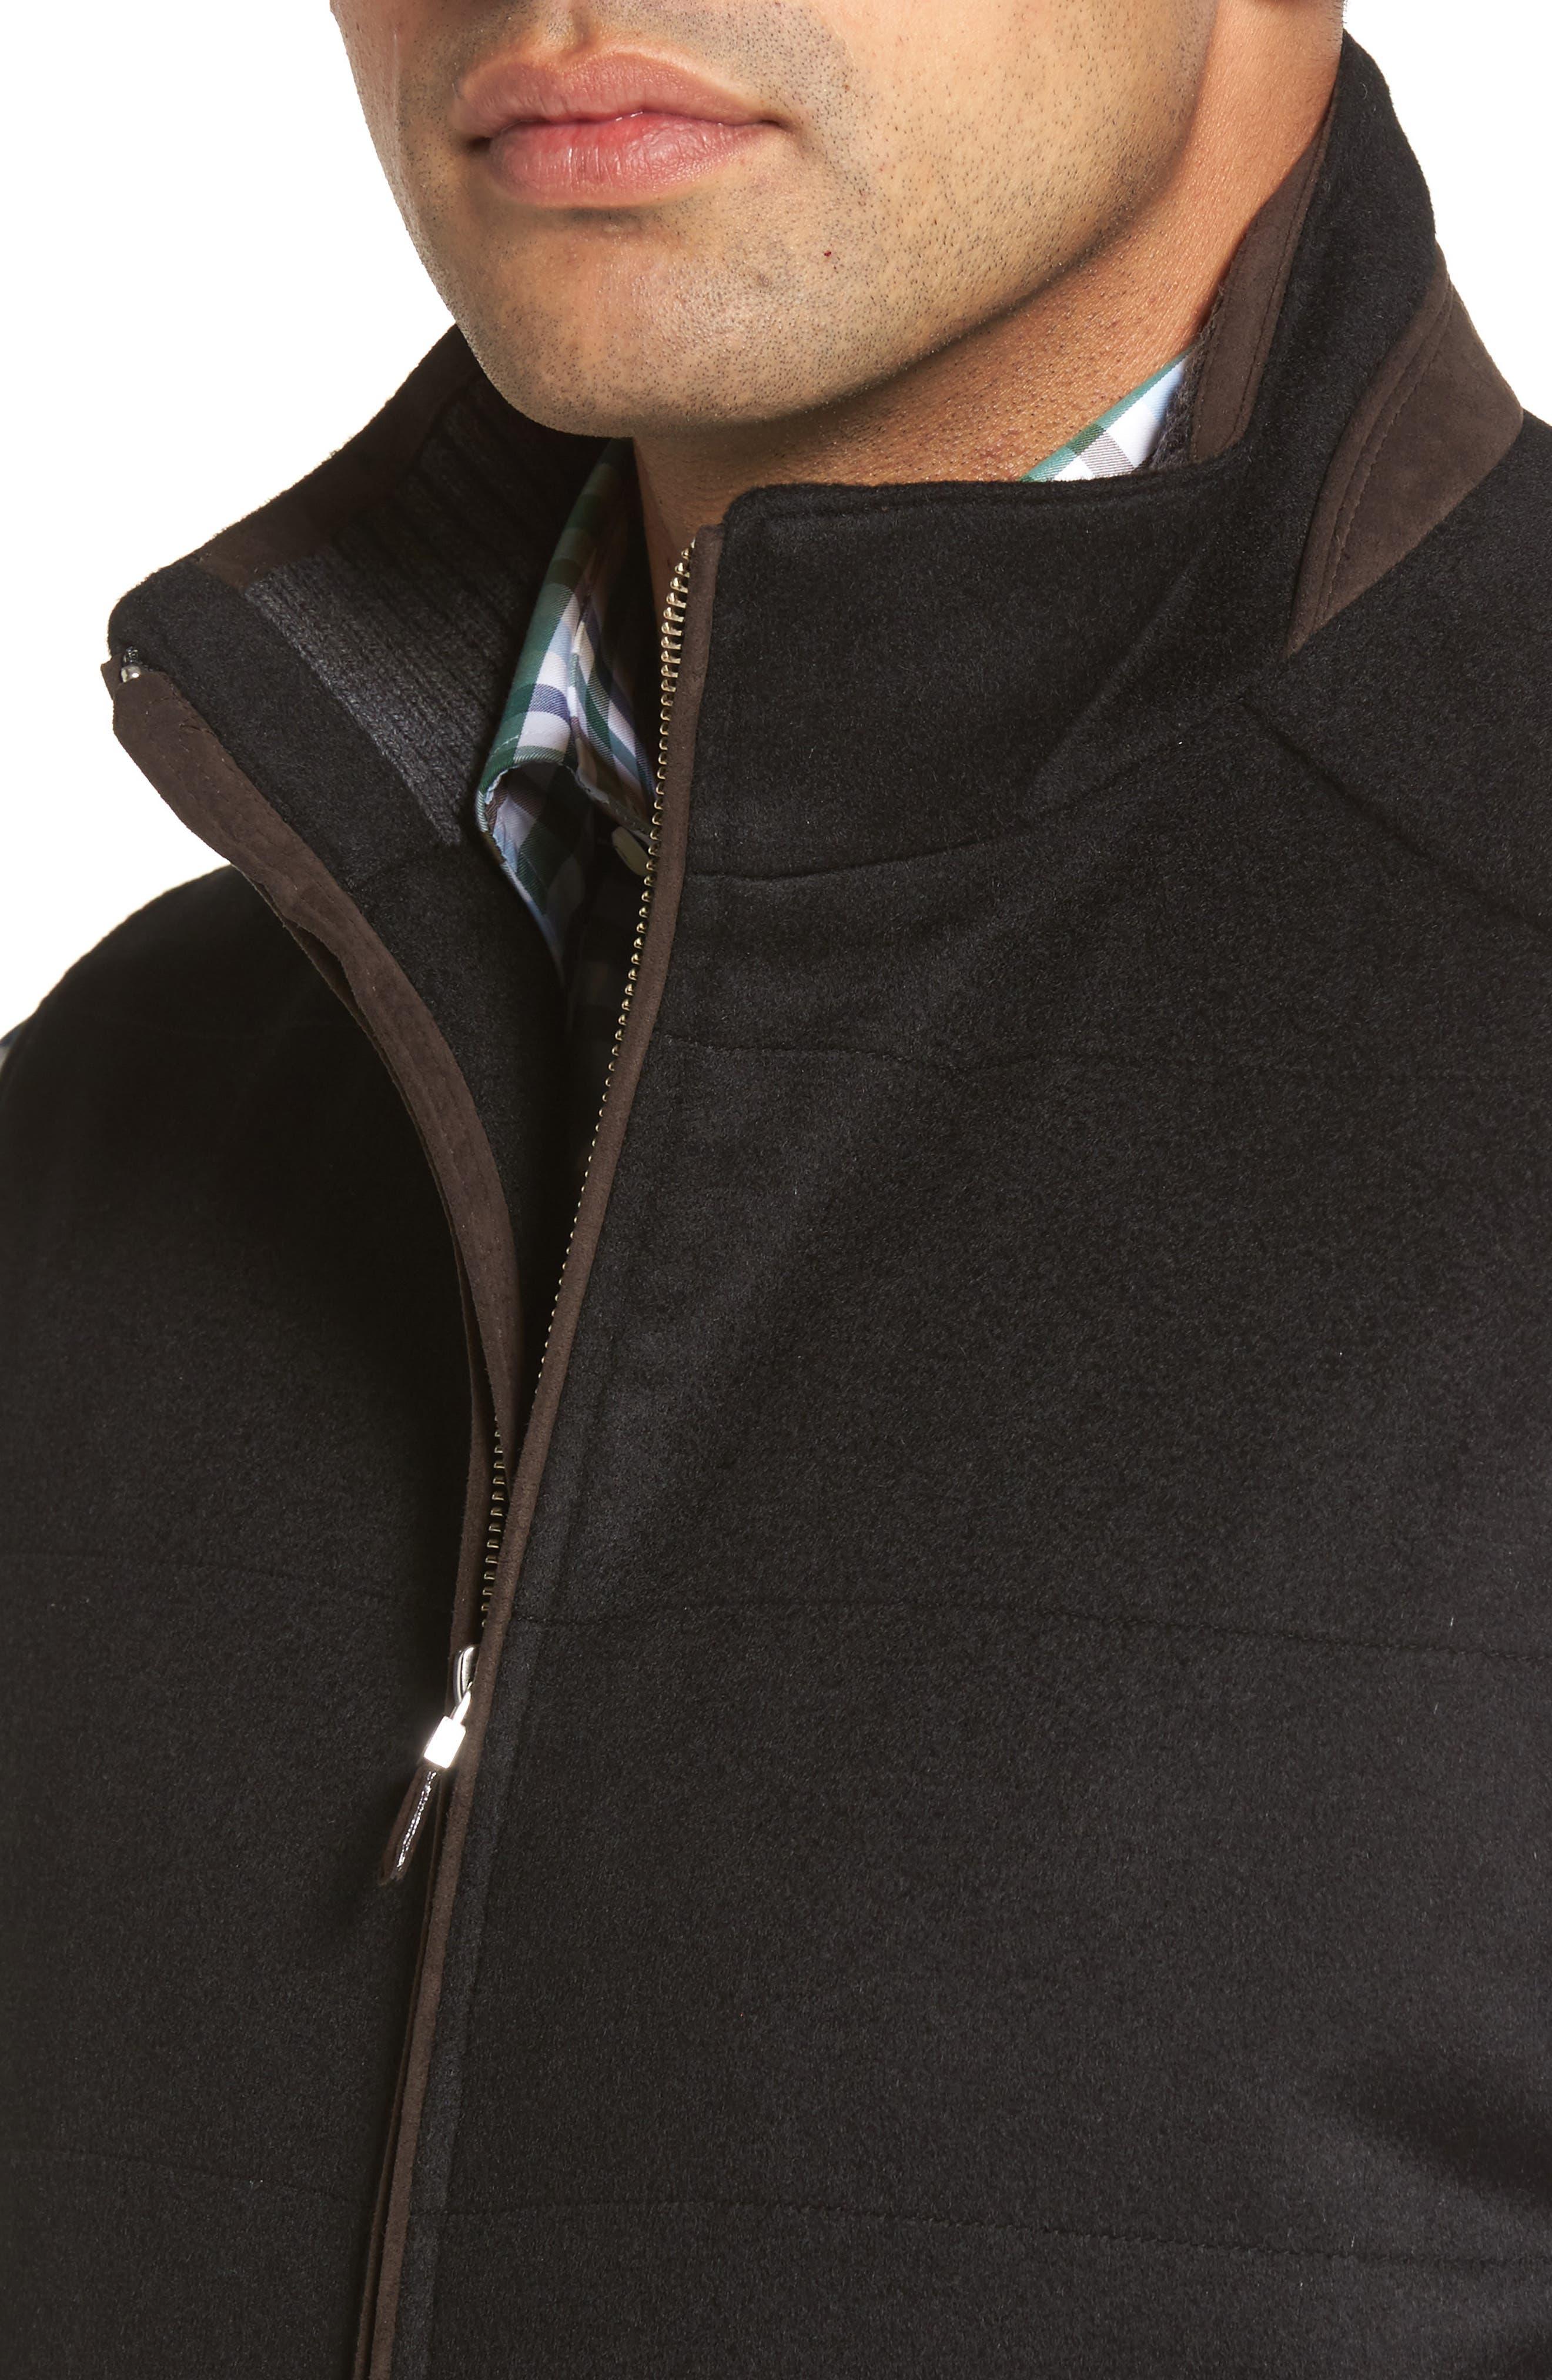 Crown Darien Wool & Cashmere Vest,                             Alternate thumbnail 4, color,                             Black